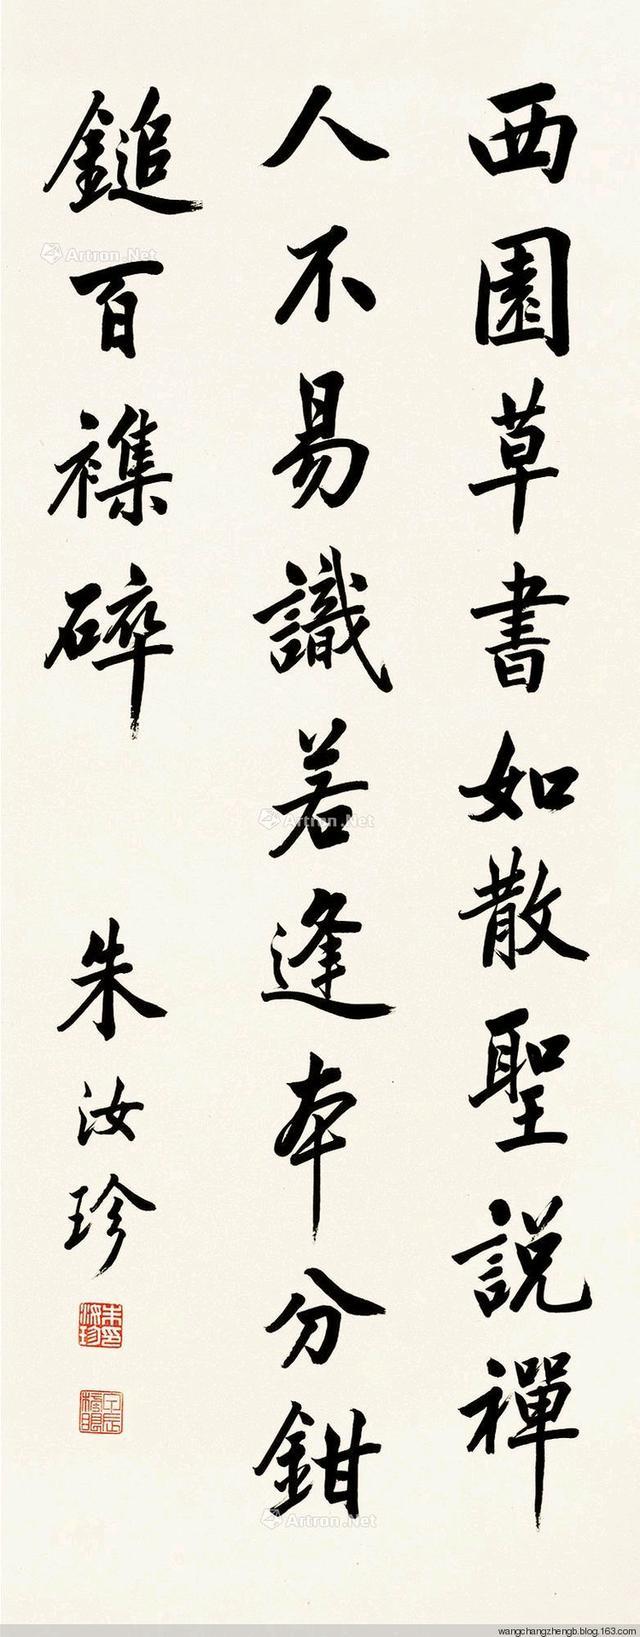 中國科舉歷史上最后一科狀元榜眼探花是誰?他們混得怎么樣呢